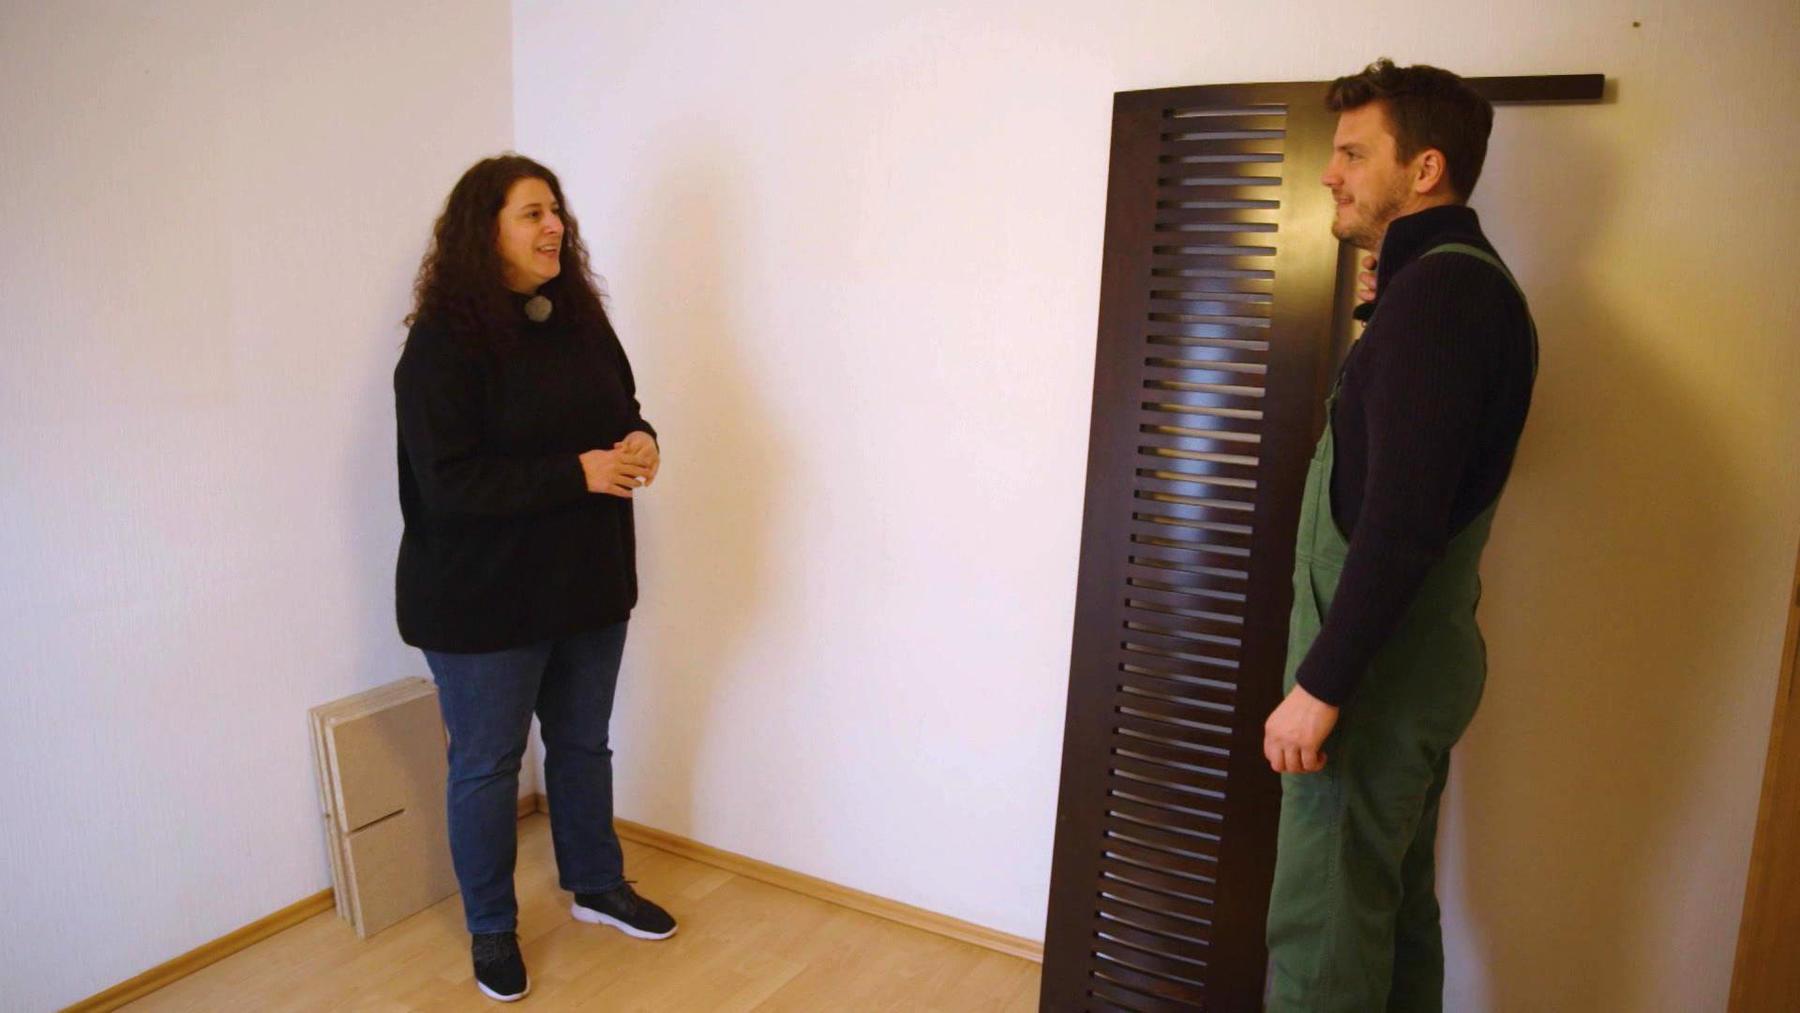 Frau ralf reporter sucht bauern bauer Bauer sucht